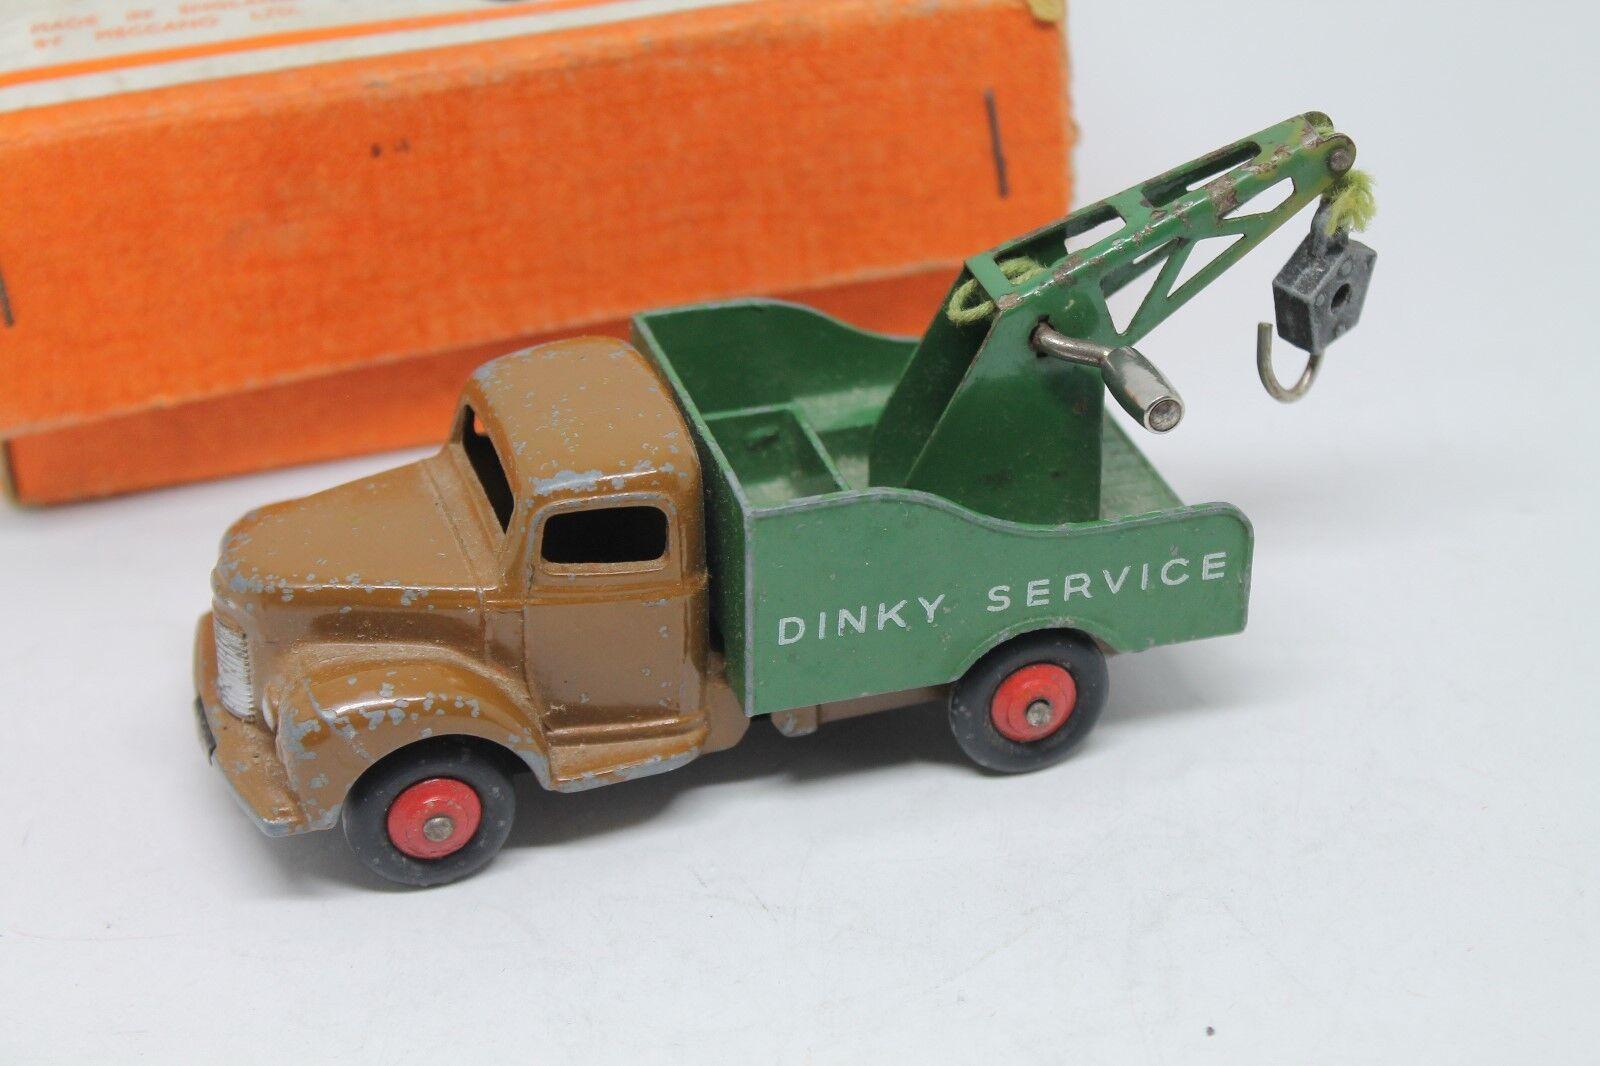 Dinky Juguetes 25x  Commer breakdown Lorry  1959  embalaje original  marrón verde  1 43